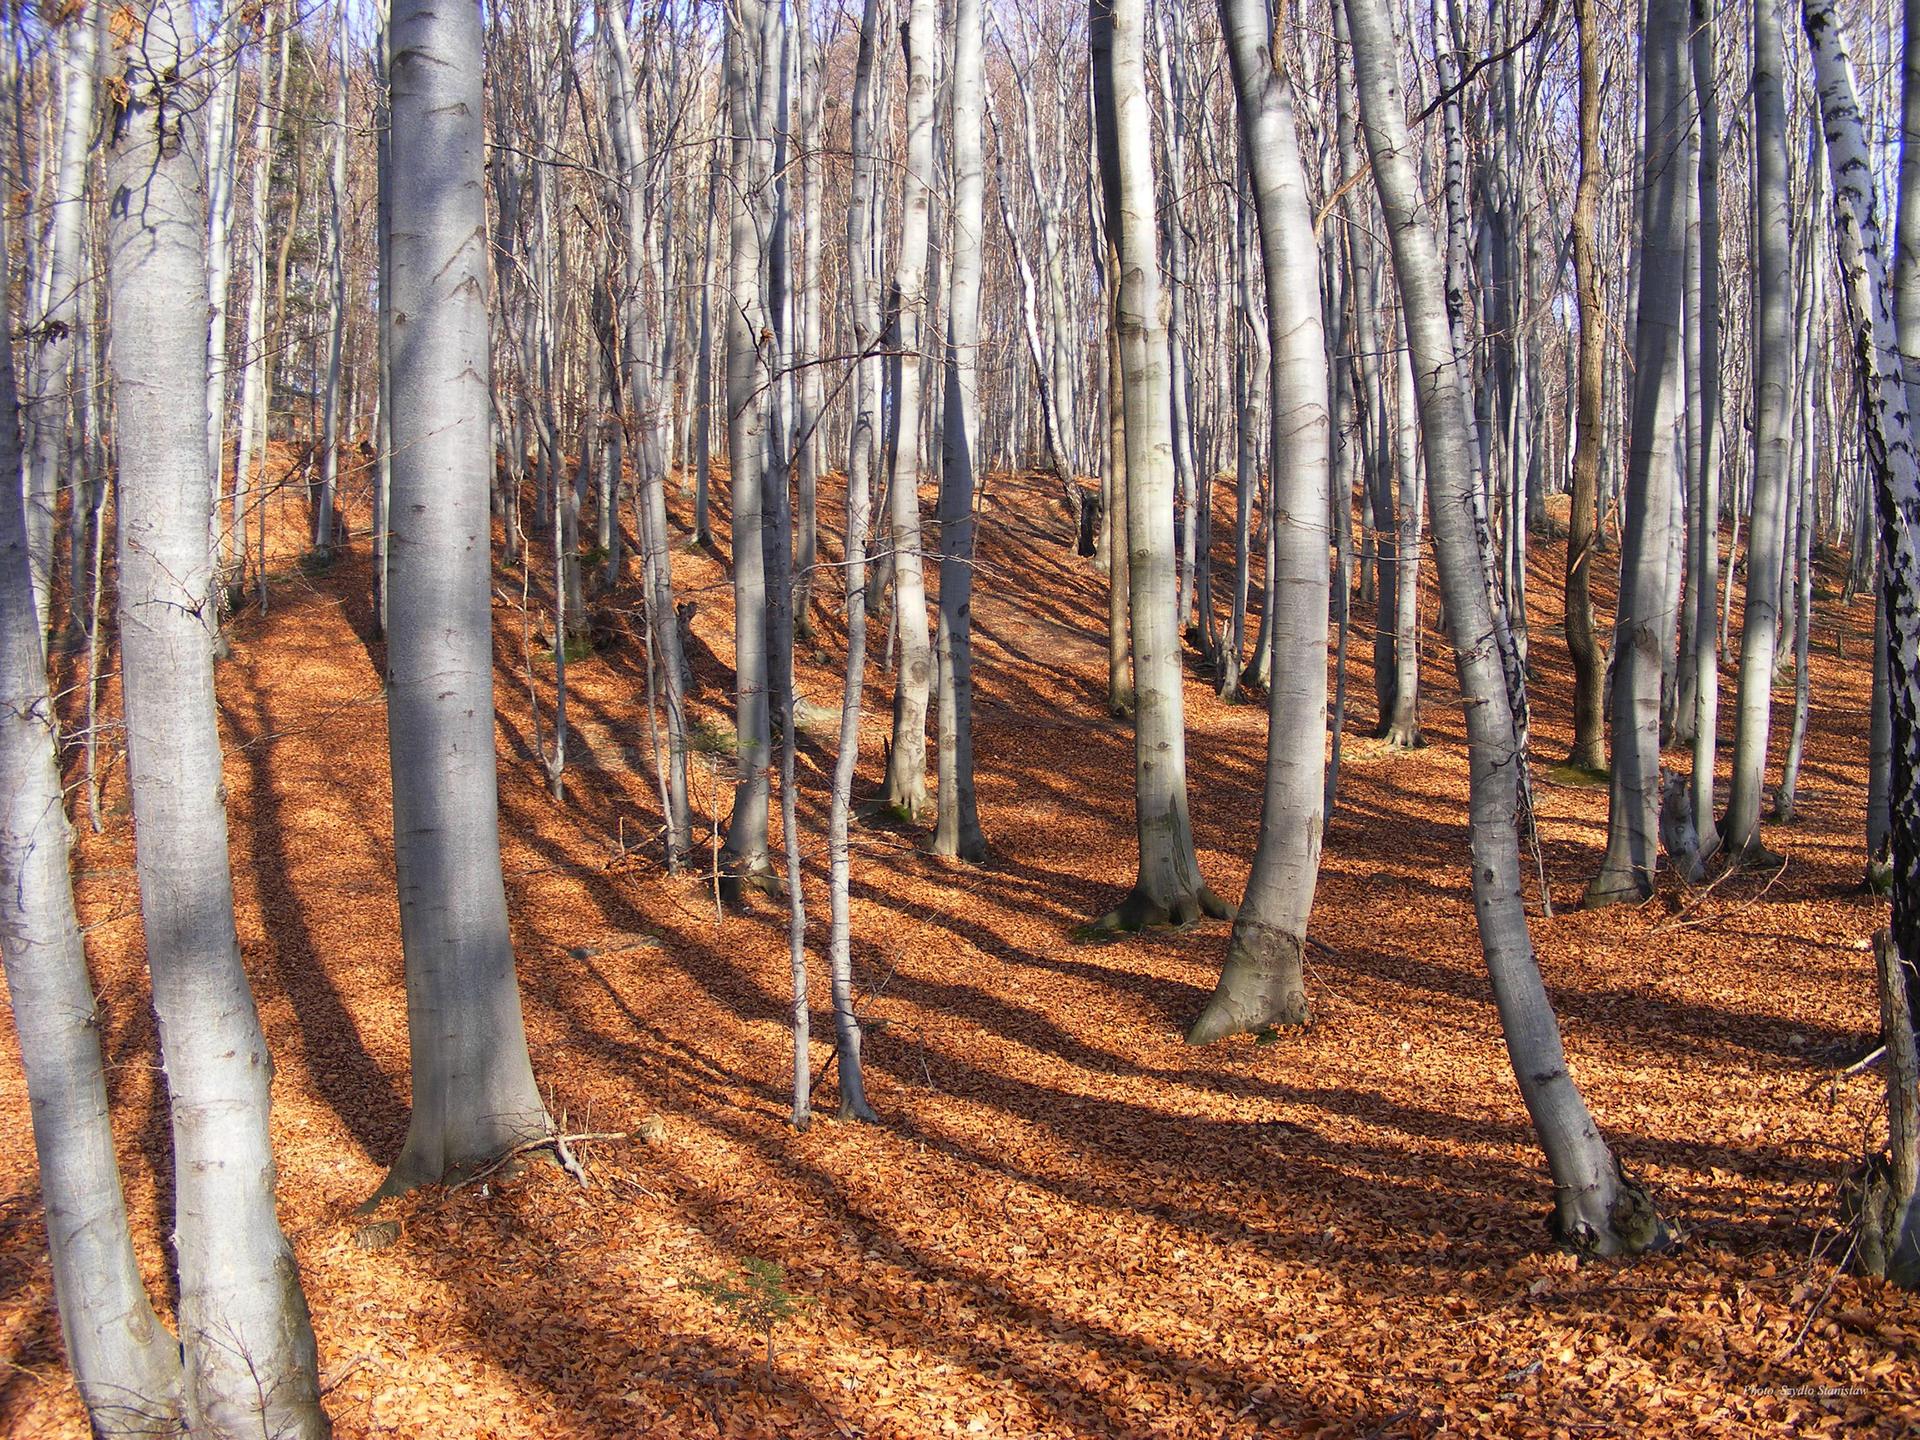 Fotografia ukazująca jesienny las bukowy. Widoczne liczne srebrzyste pnie buków, na dnie lasu opadłe liście.